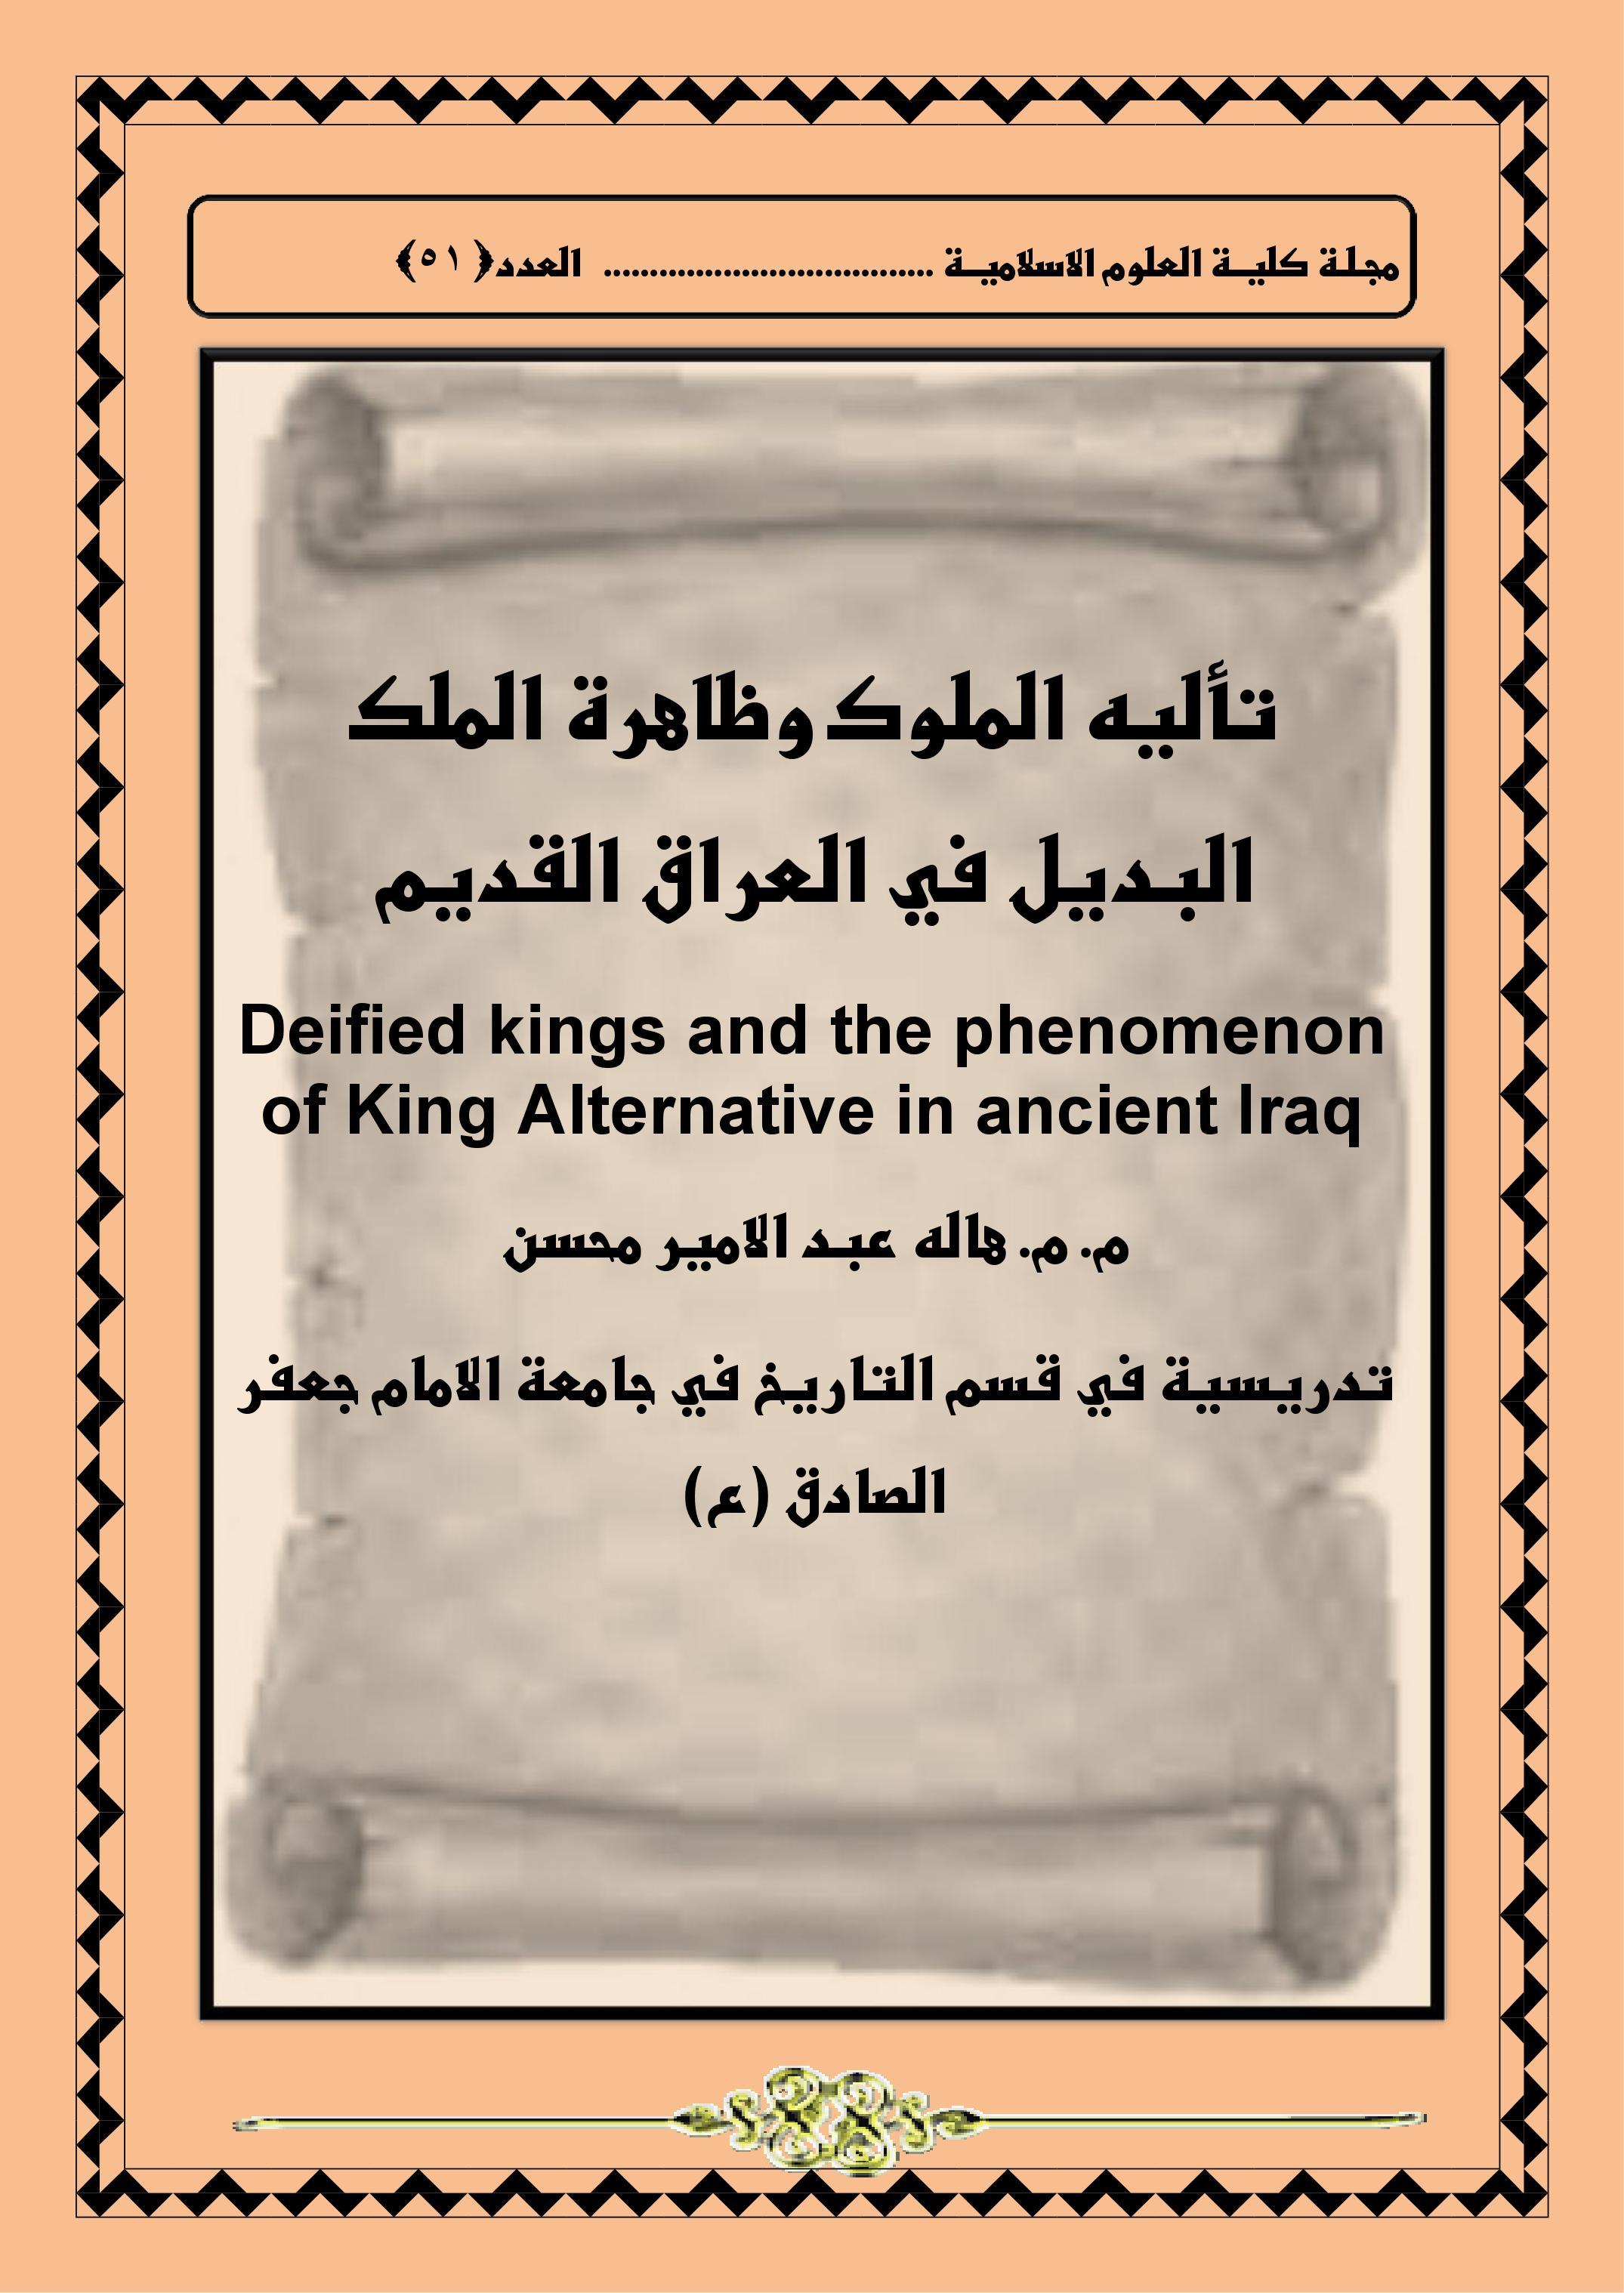 تأليه الملوك وظاهرة الملك البديل في العراق القديم